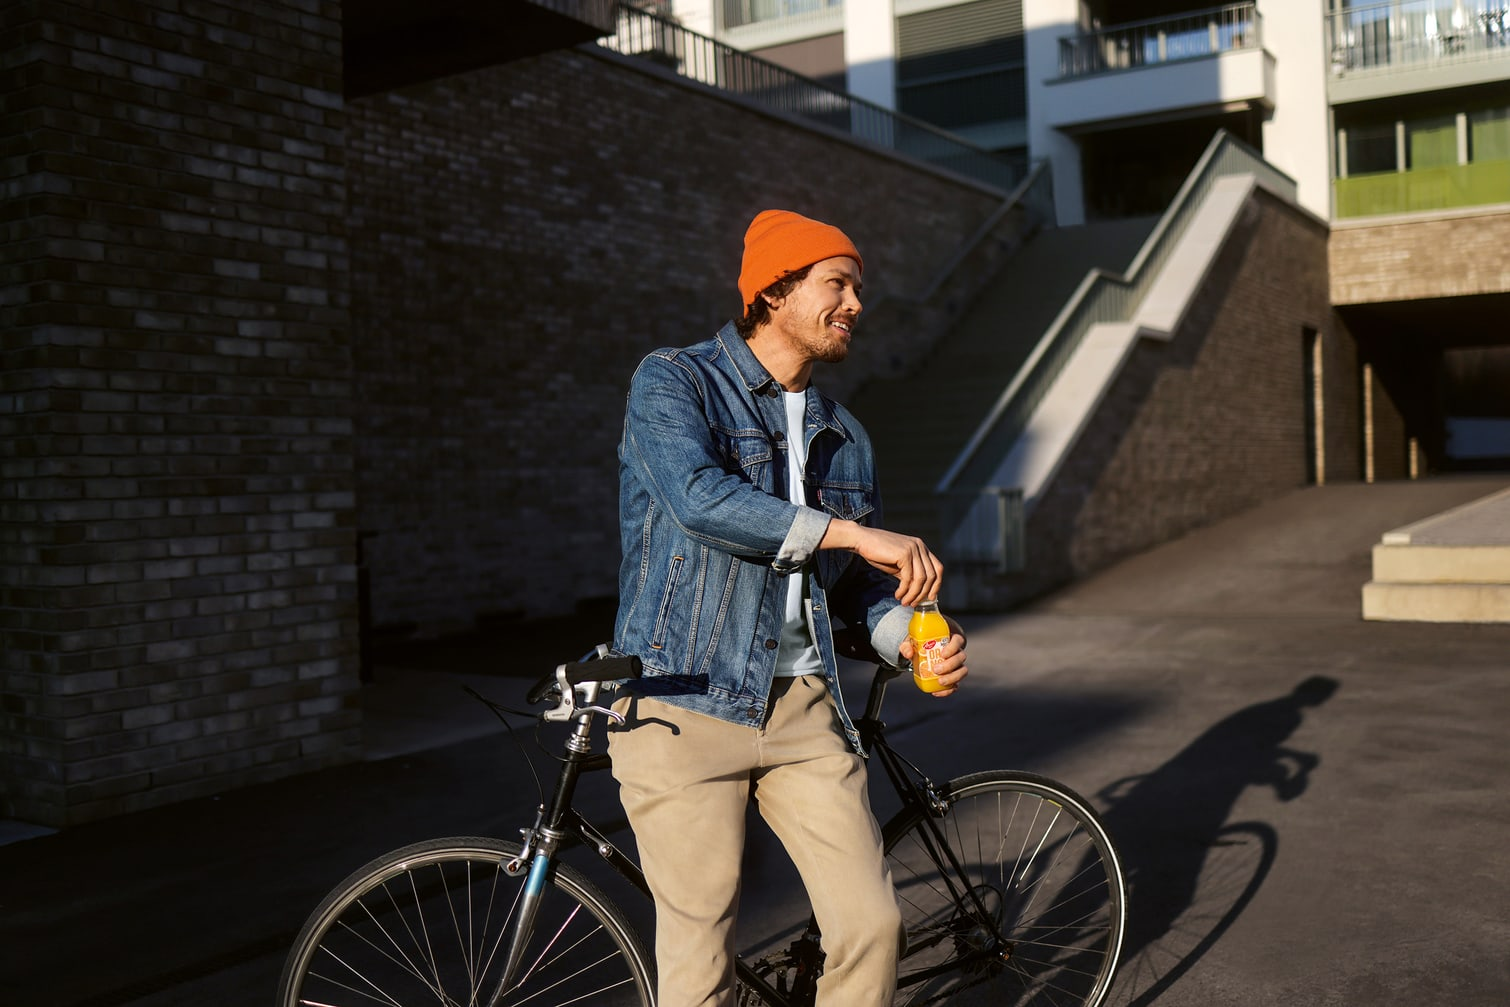 Ein Mann leht an sein Fahrrad an und öffnet einen Orangensaft.